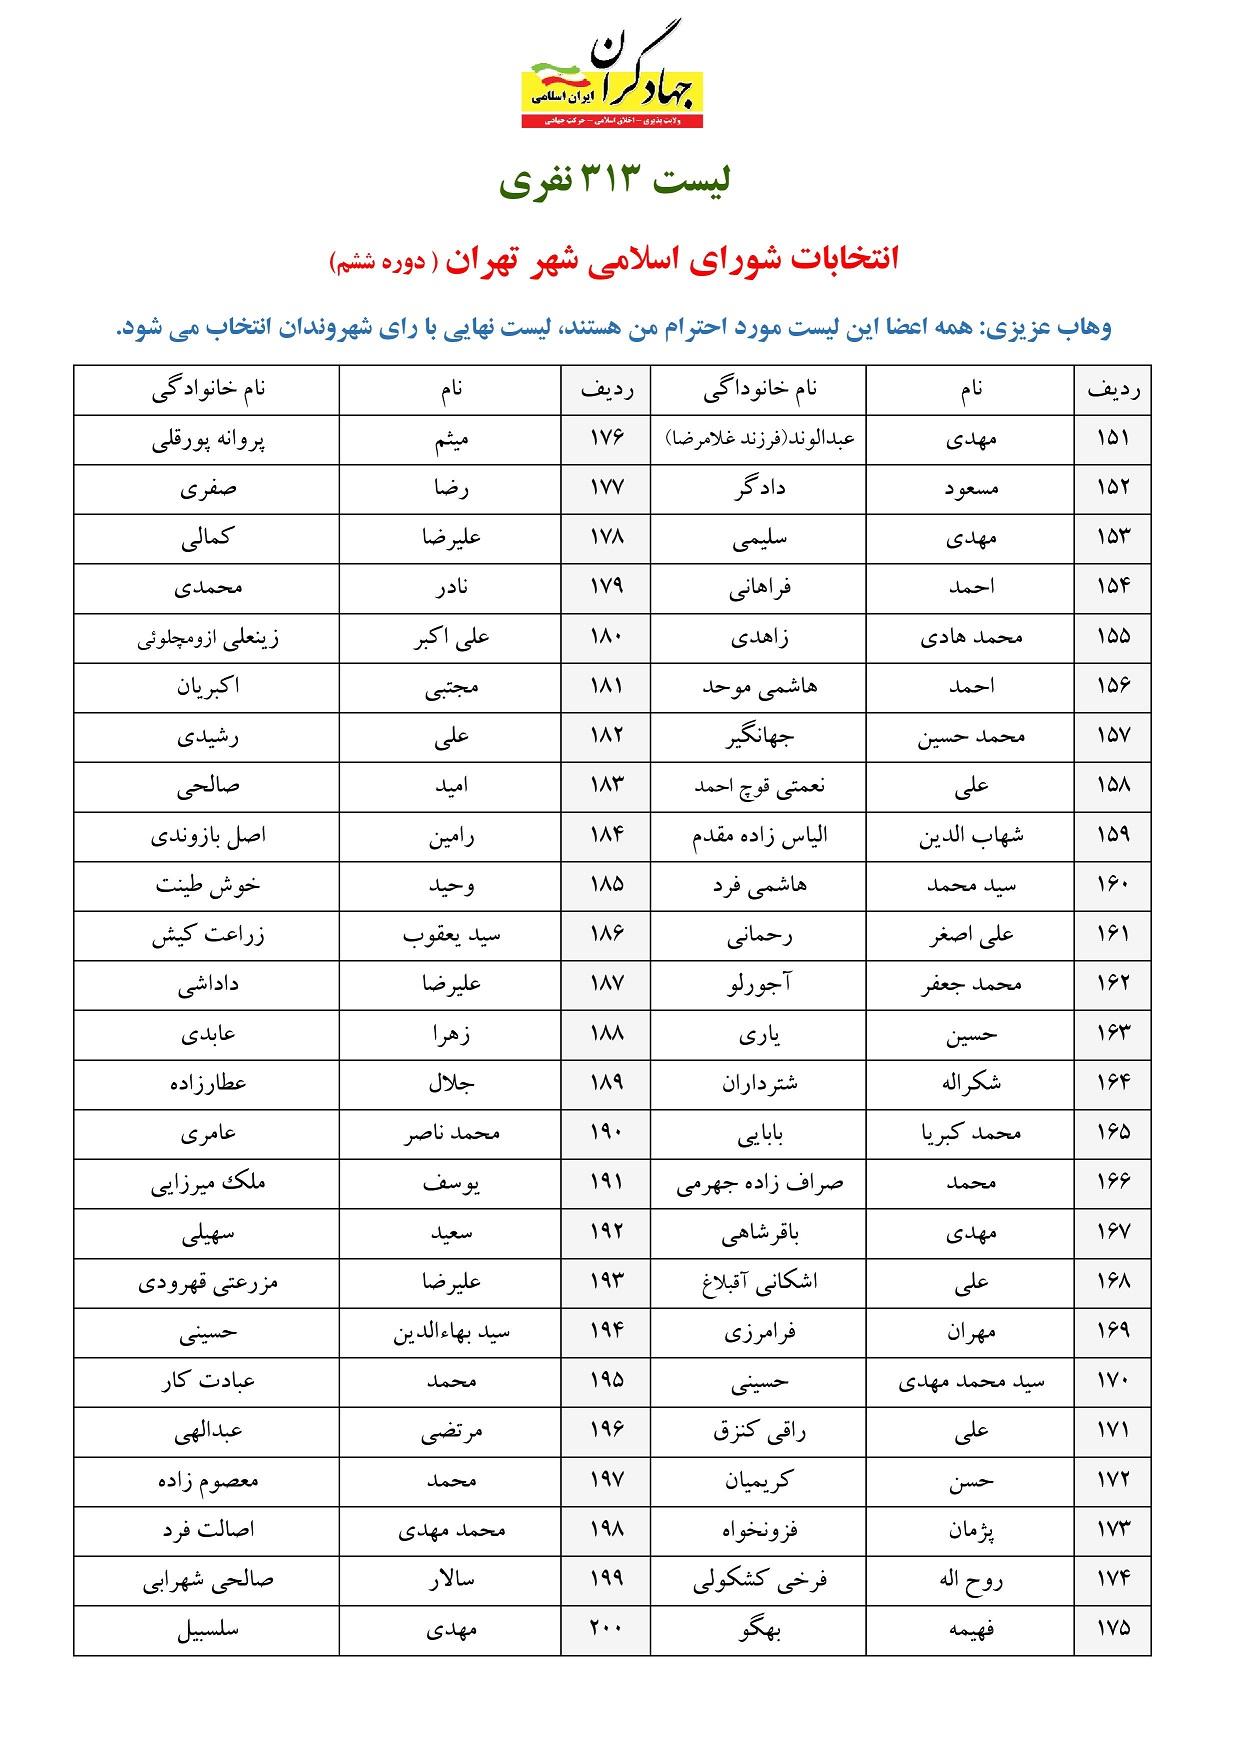 لیست وهاب عزیزی